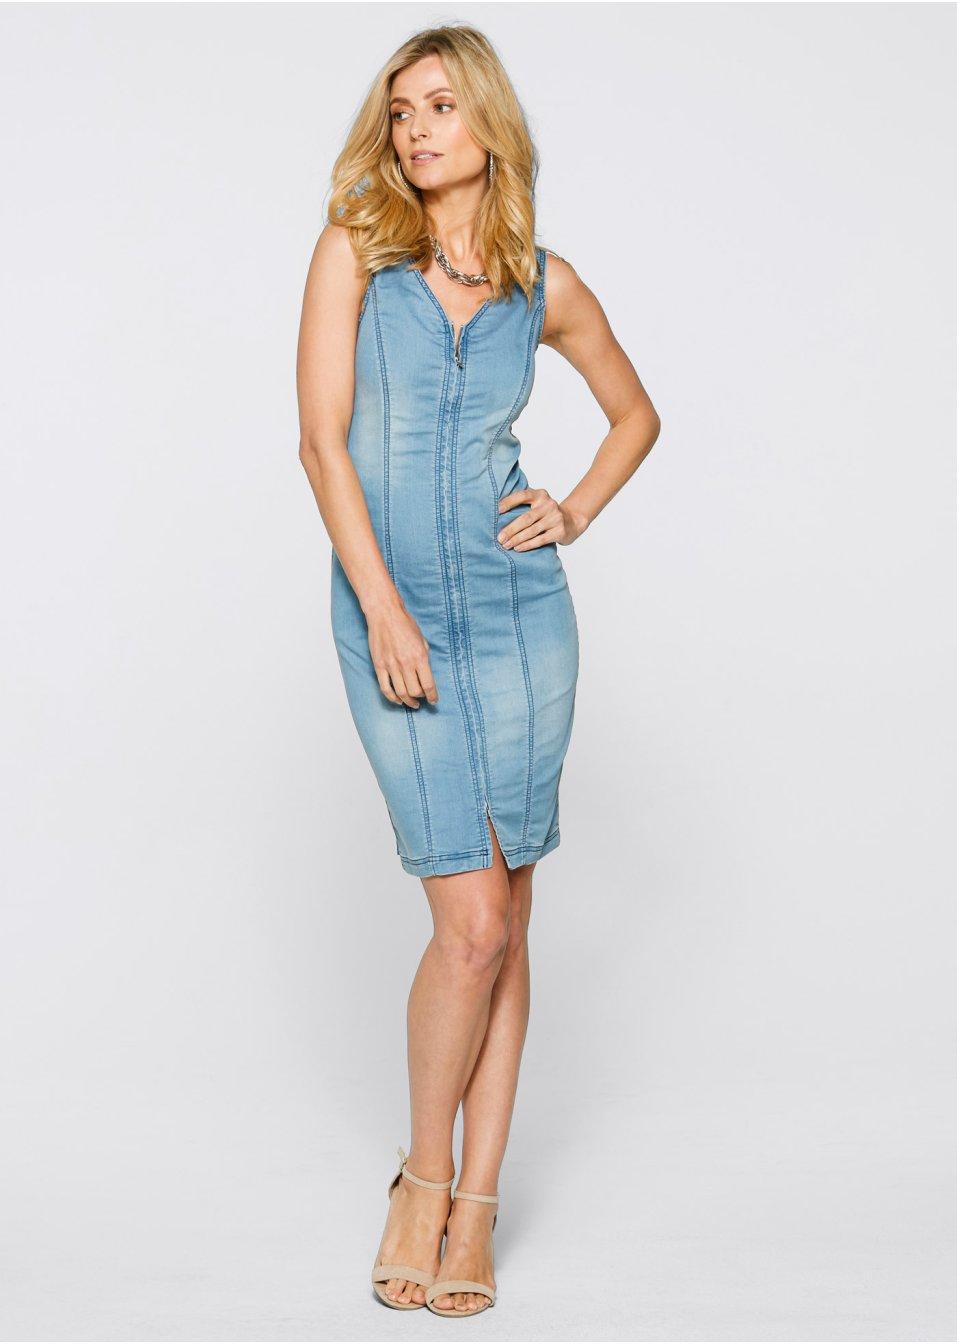 Mode Femme Vêtements DJLfdOFlkj Robe en jean stylée avec décolleté en V et fermeture zippée double sens bleu bleached